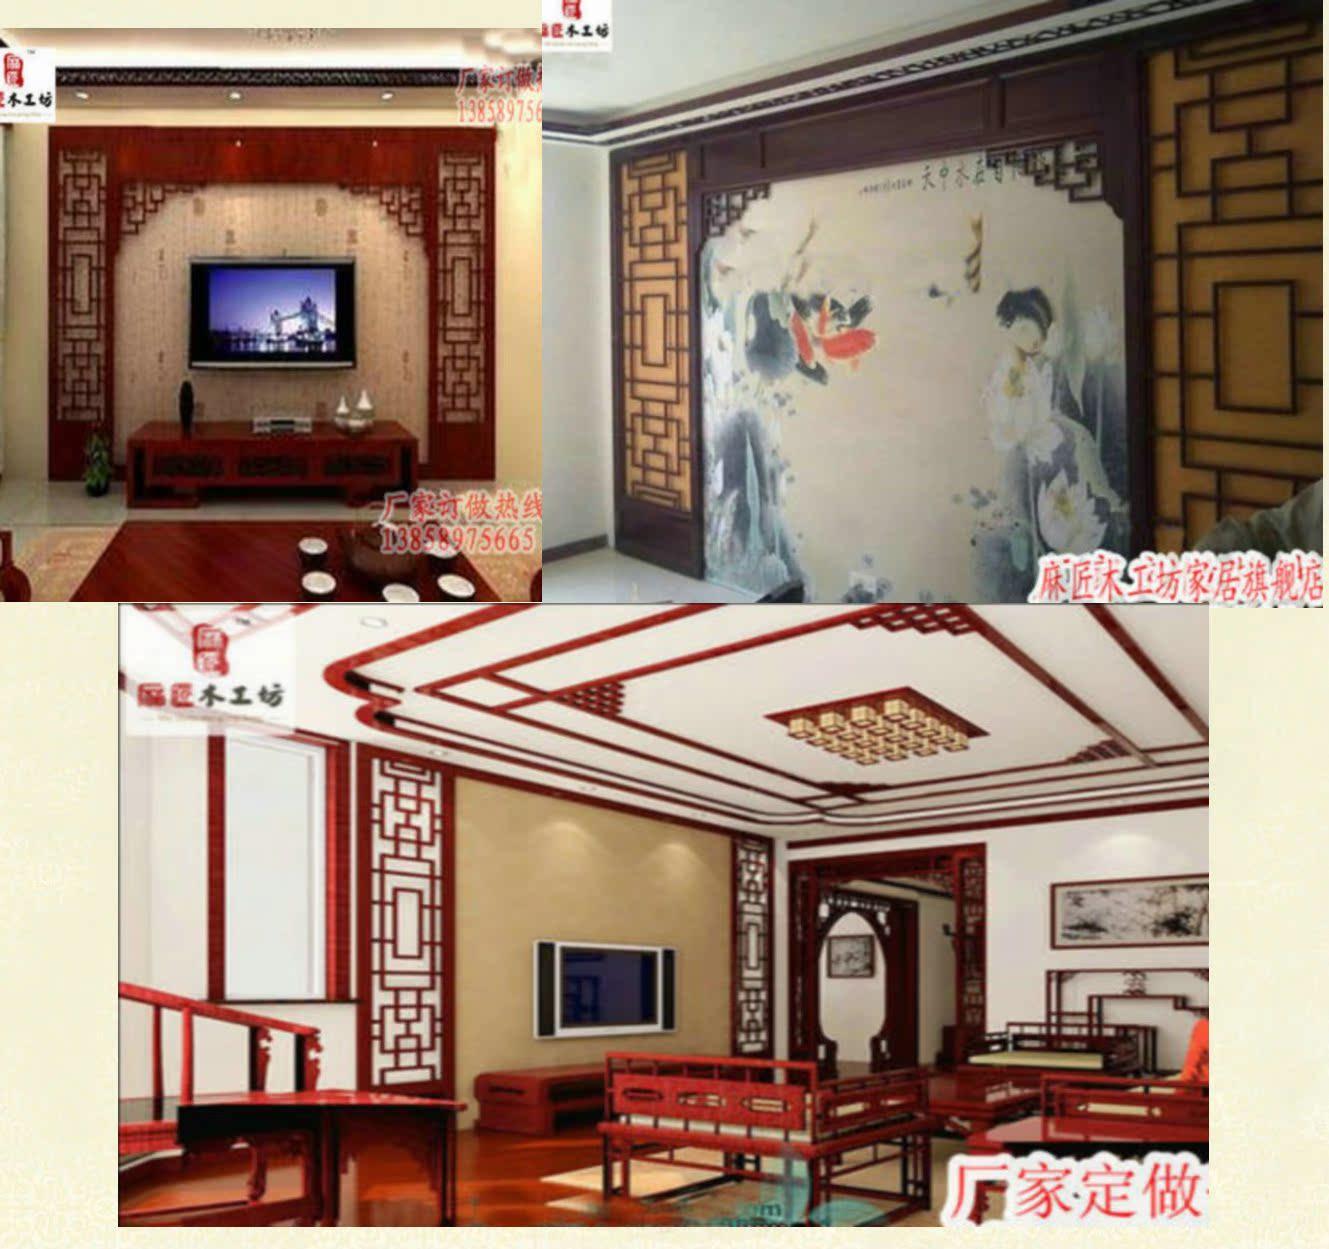 【麻匠木工坊家居旗舰店】东阳木雕 木雕门窗 中式 墙图片